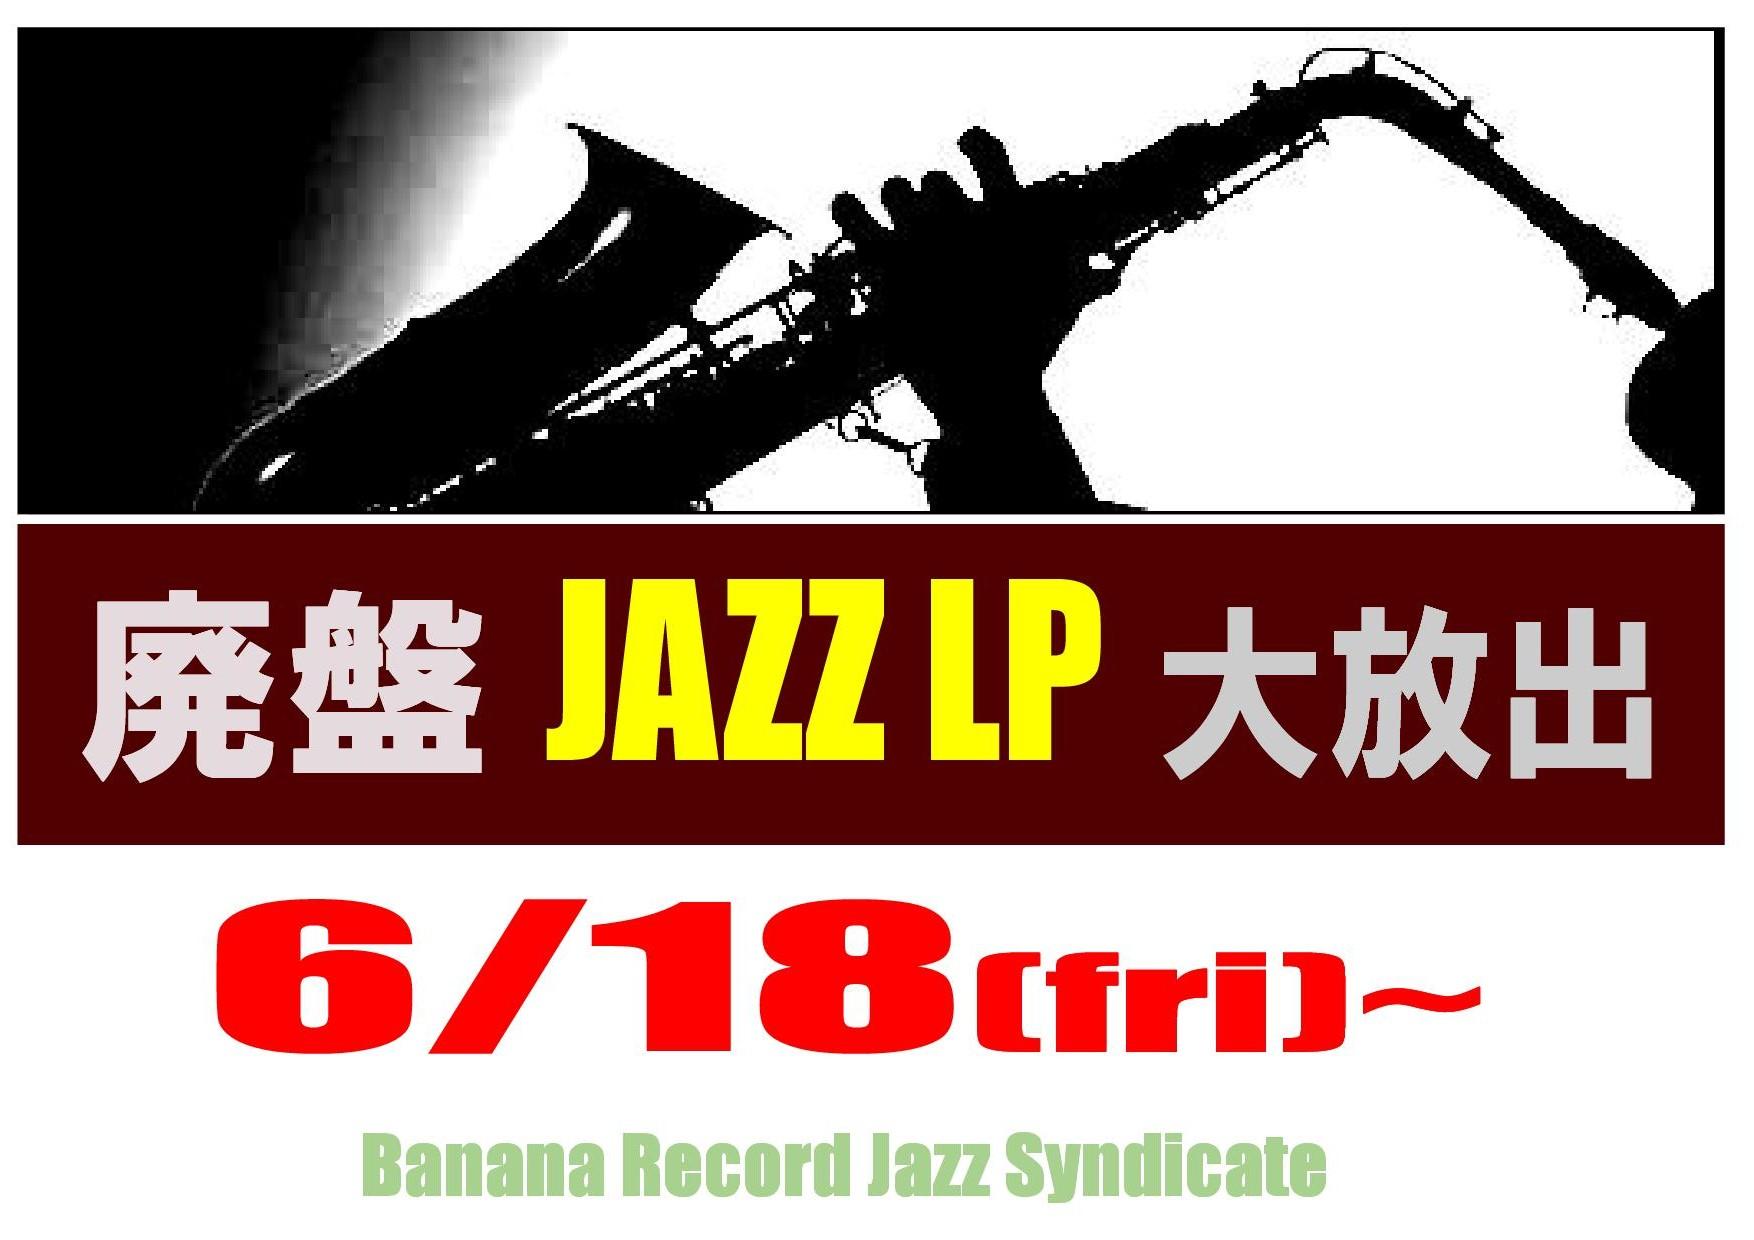 【ジャズシンジケート】19日よりJazz廃盤LP大放出開催決定